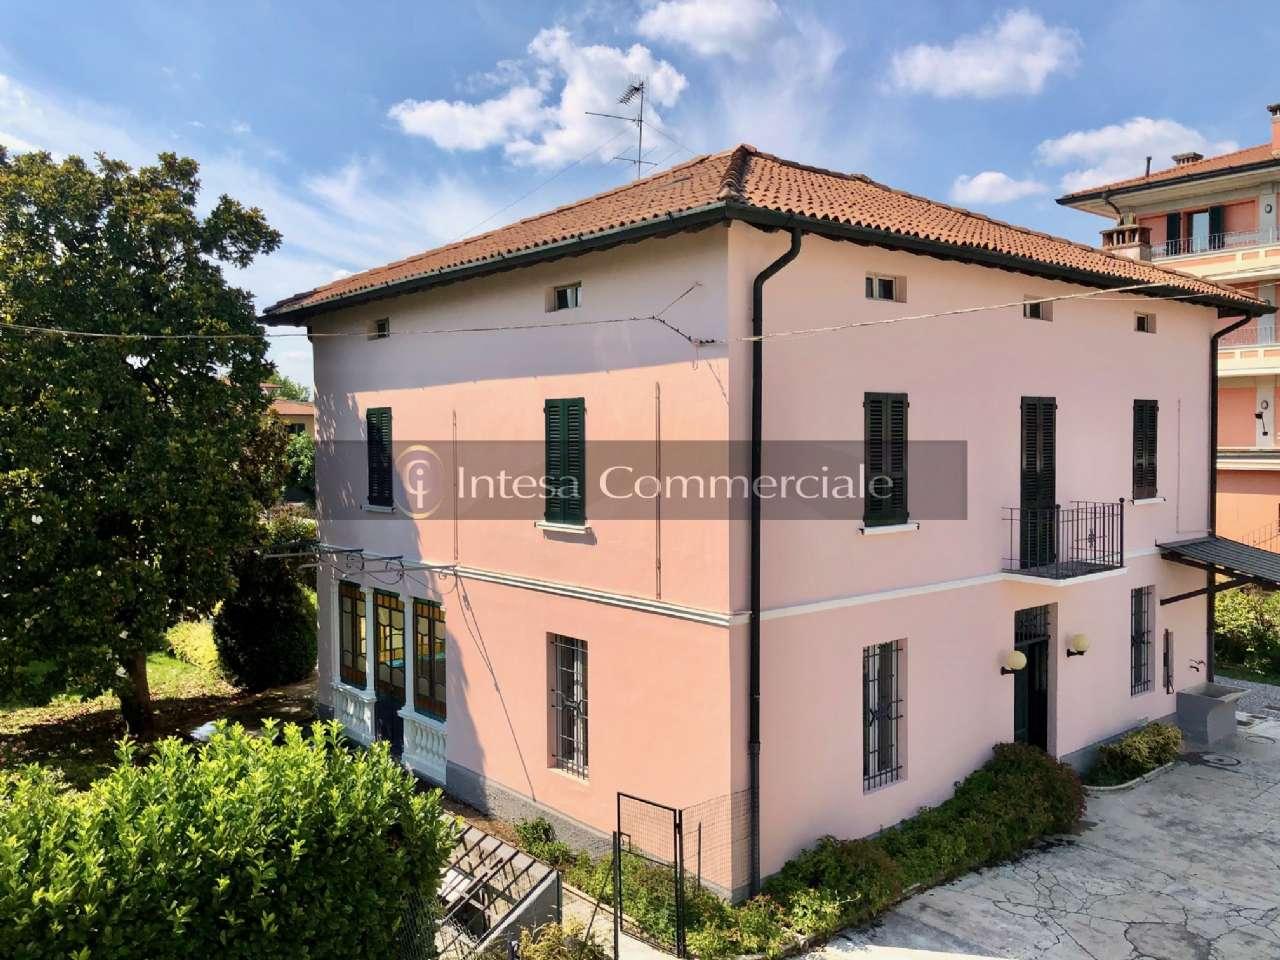 Villa in affitto a Bagnolo Mella, 9 locali, Trattative riservate | PortaleAgenzieImmobiliari.it